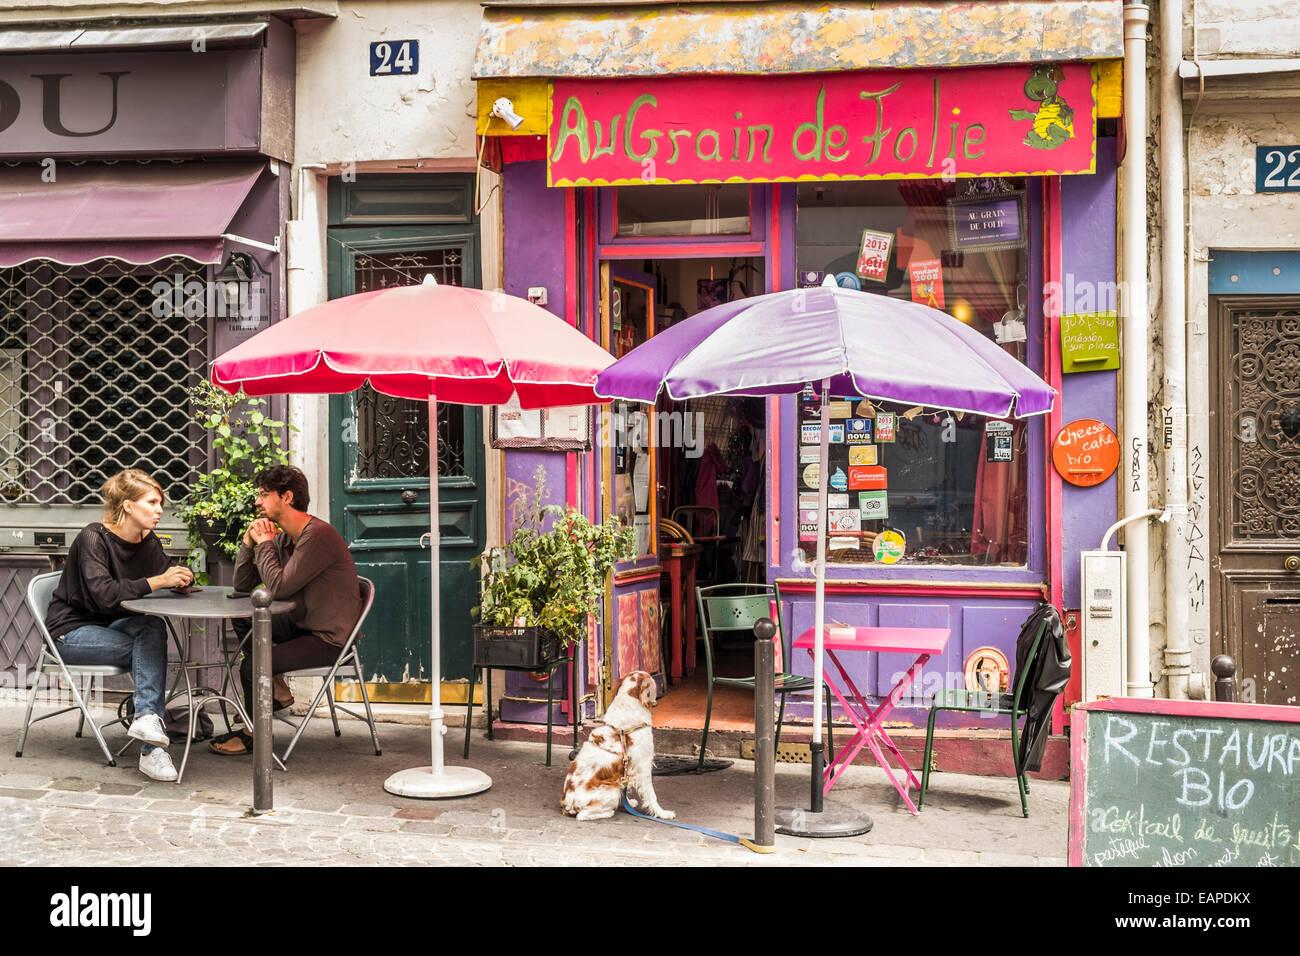 vegetarian restaurant au grain de la folie in the montmartre district - Stock Image